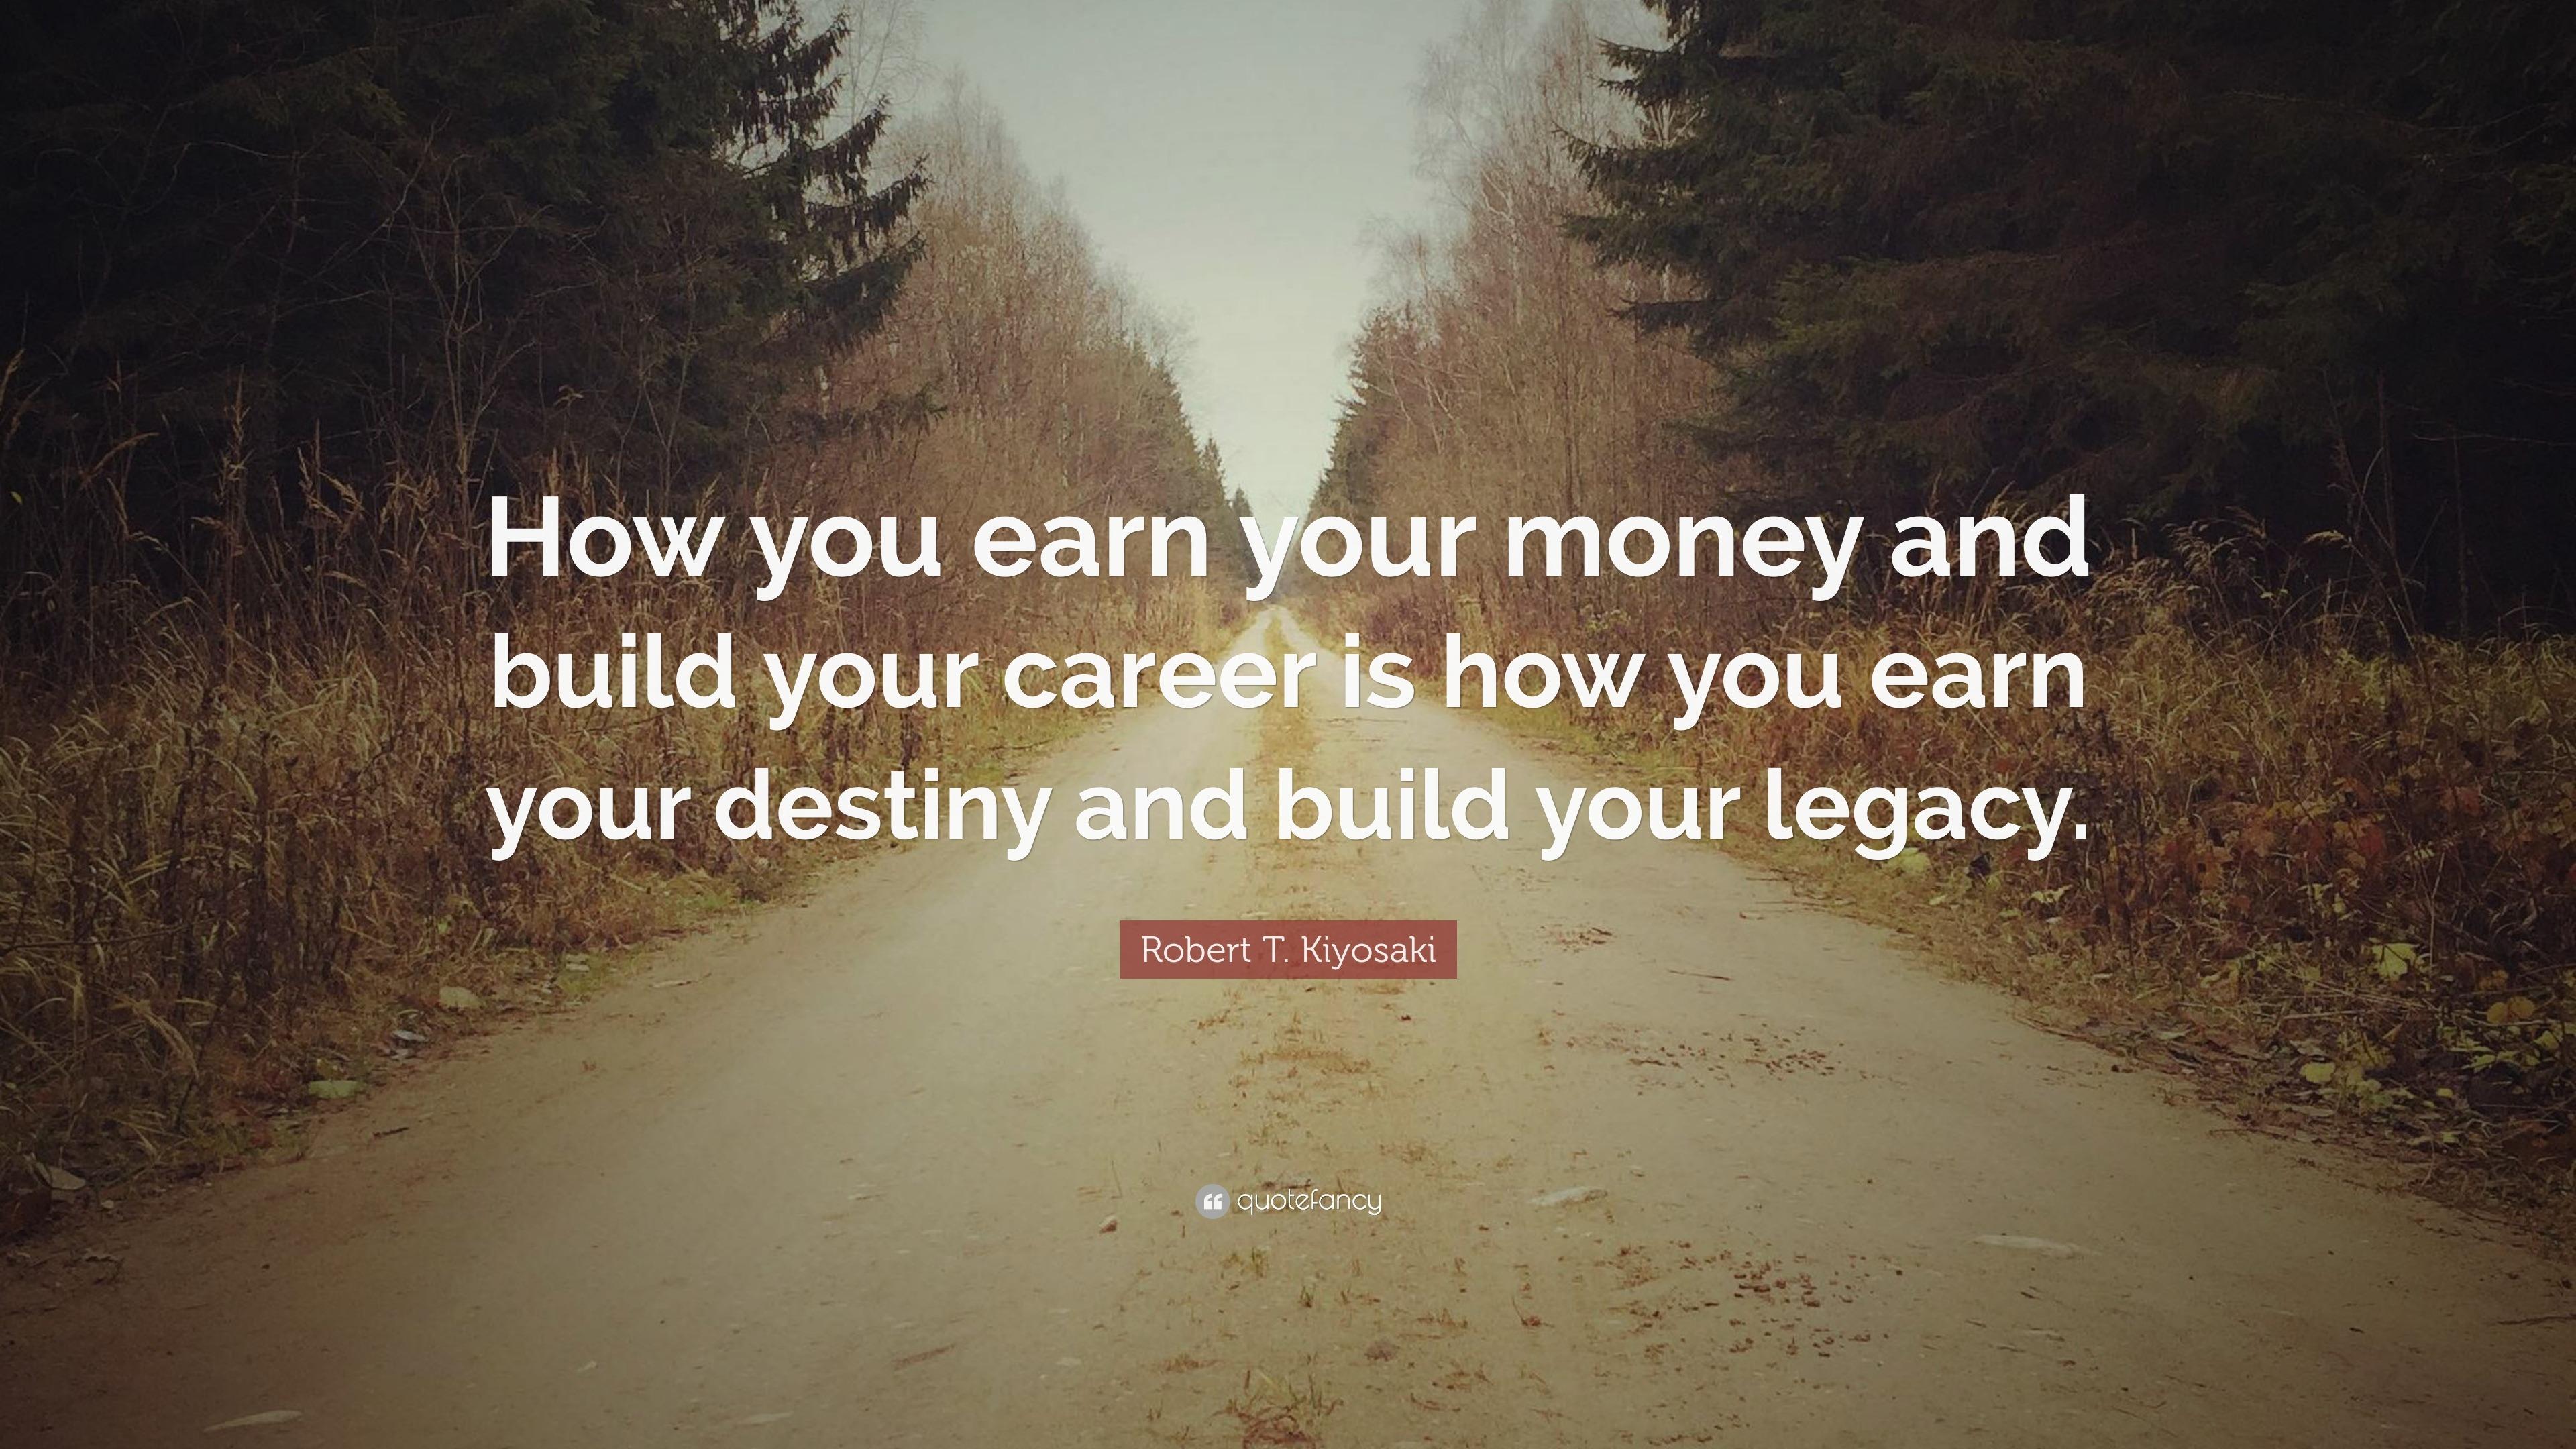 robert t kiyosaki quote how you earn your money and build your robert t kiyosaki quote how you earn your money and build your career